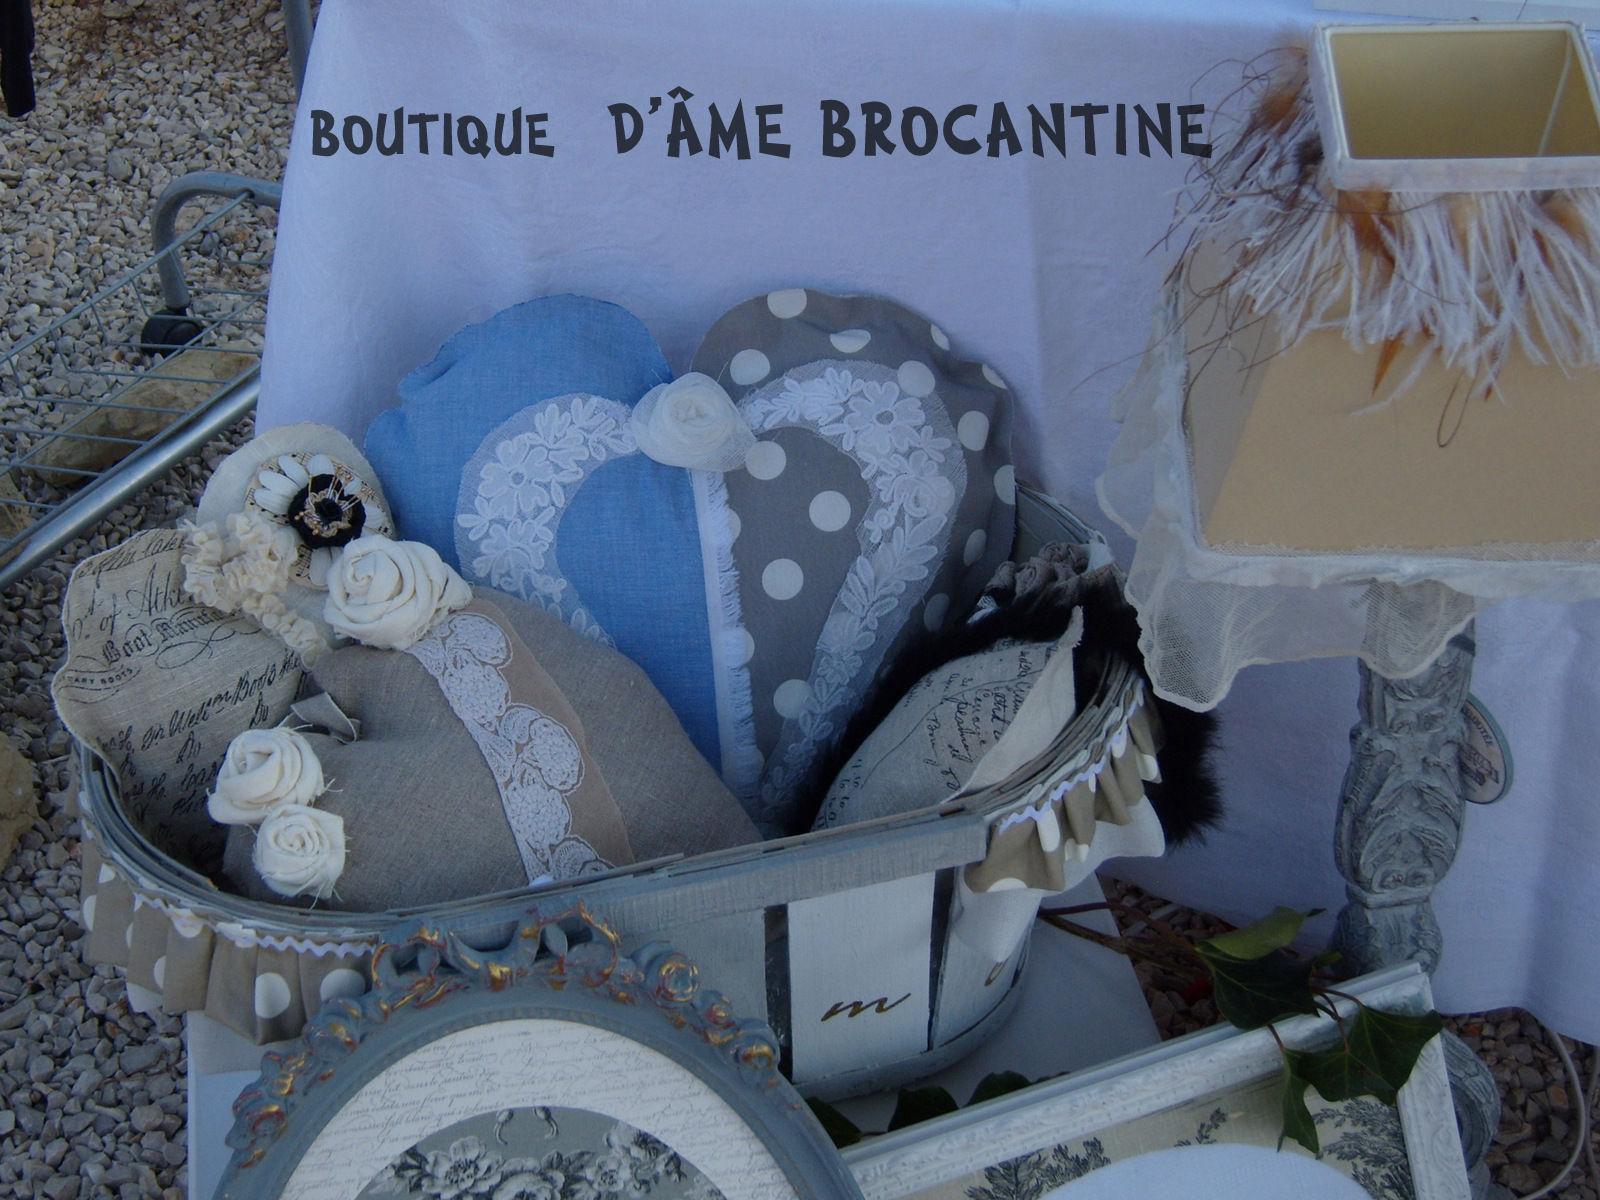 présentation de la boutique dame brocantine